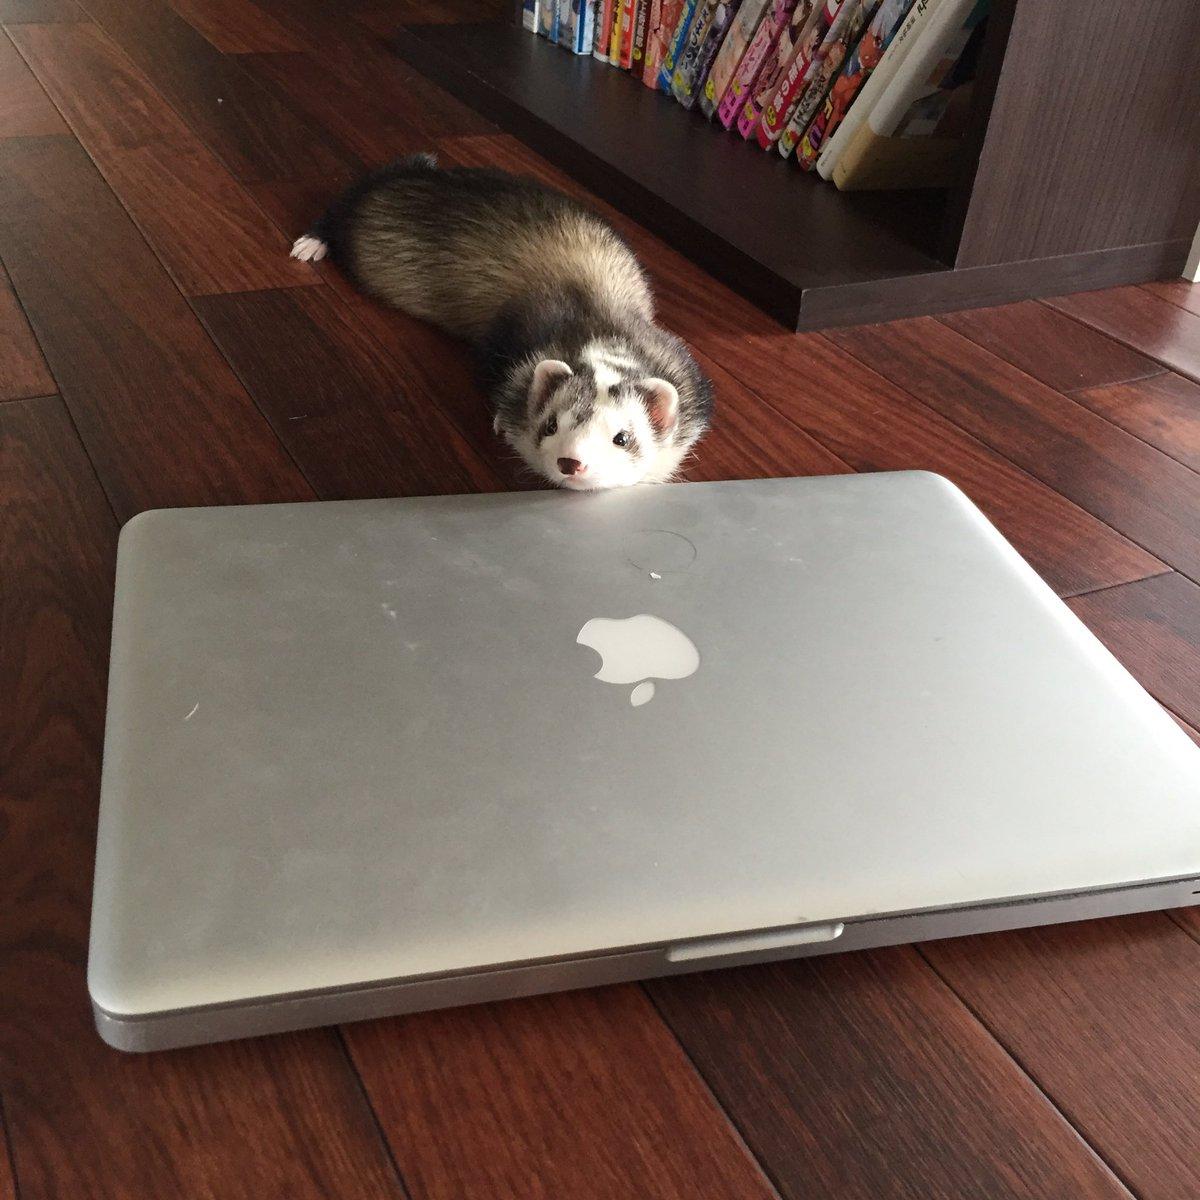 壊れたMacBook Pro、フェレット用の冷んやりマットと化した https://t.co/m2CbFUeINO